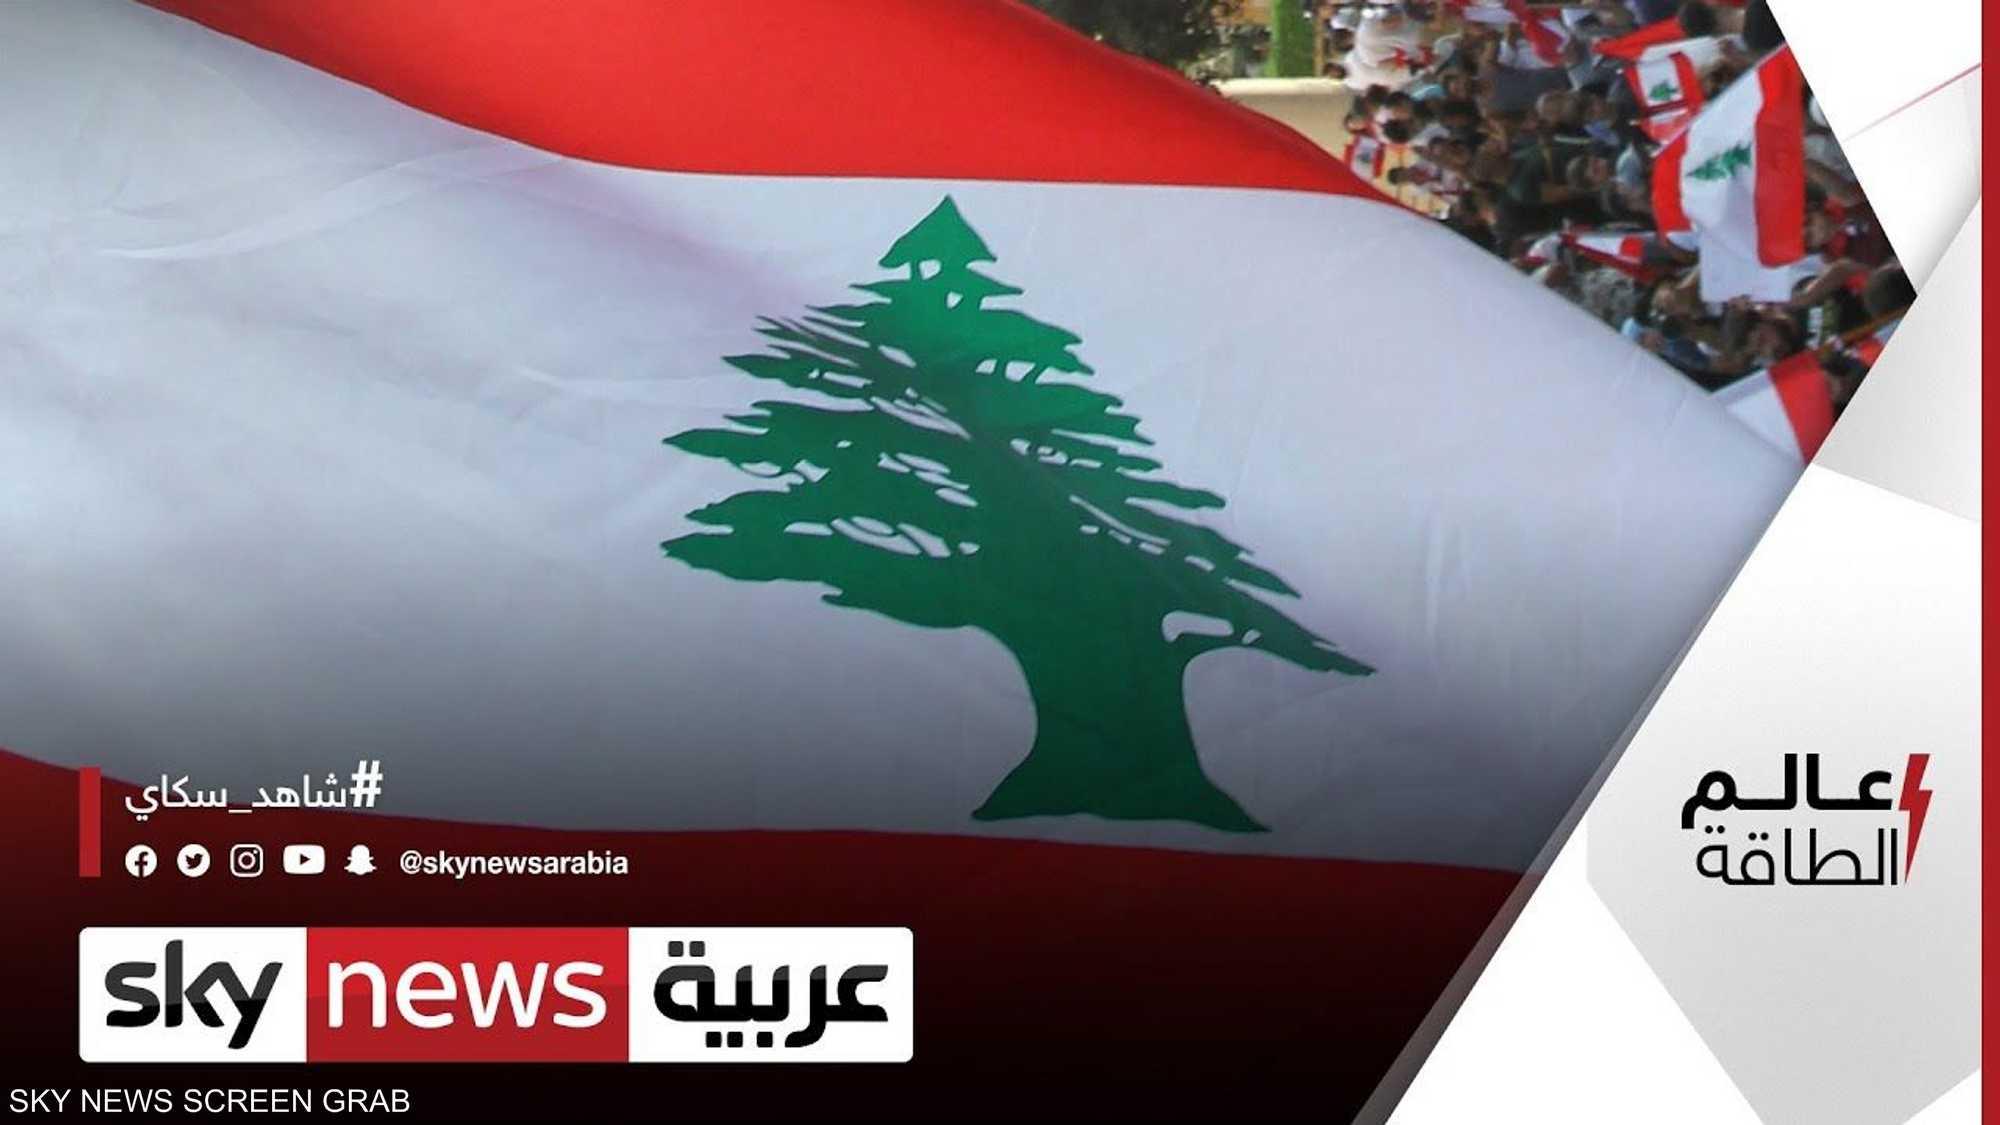 لبنان وإسرائيل.. جولة مفاوضات حول ترسيم الحدود البحرية